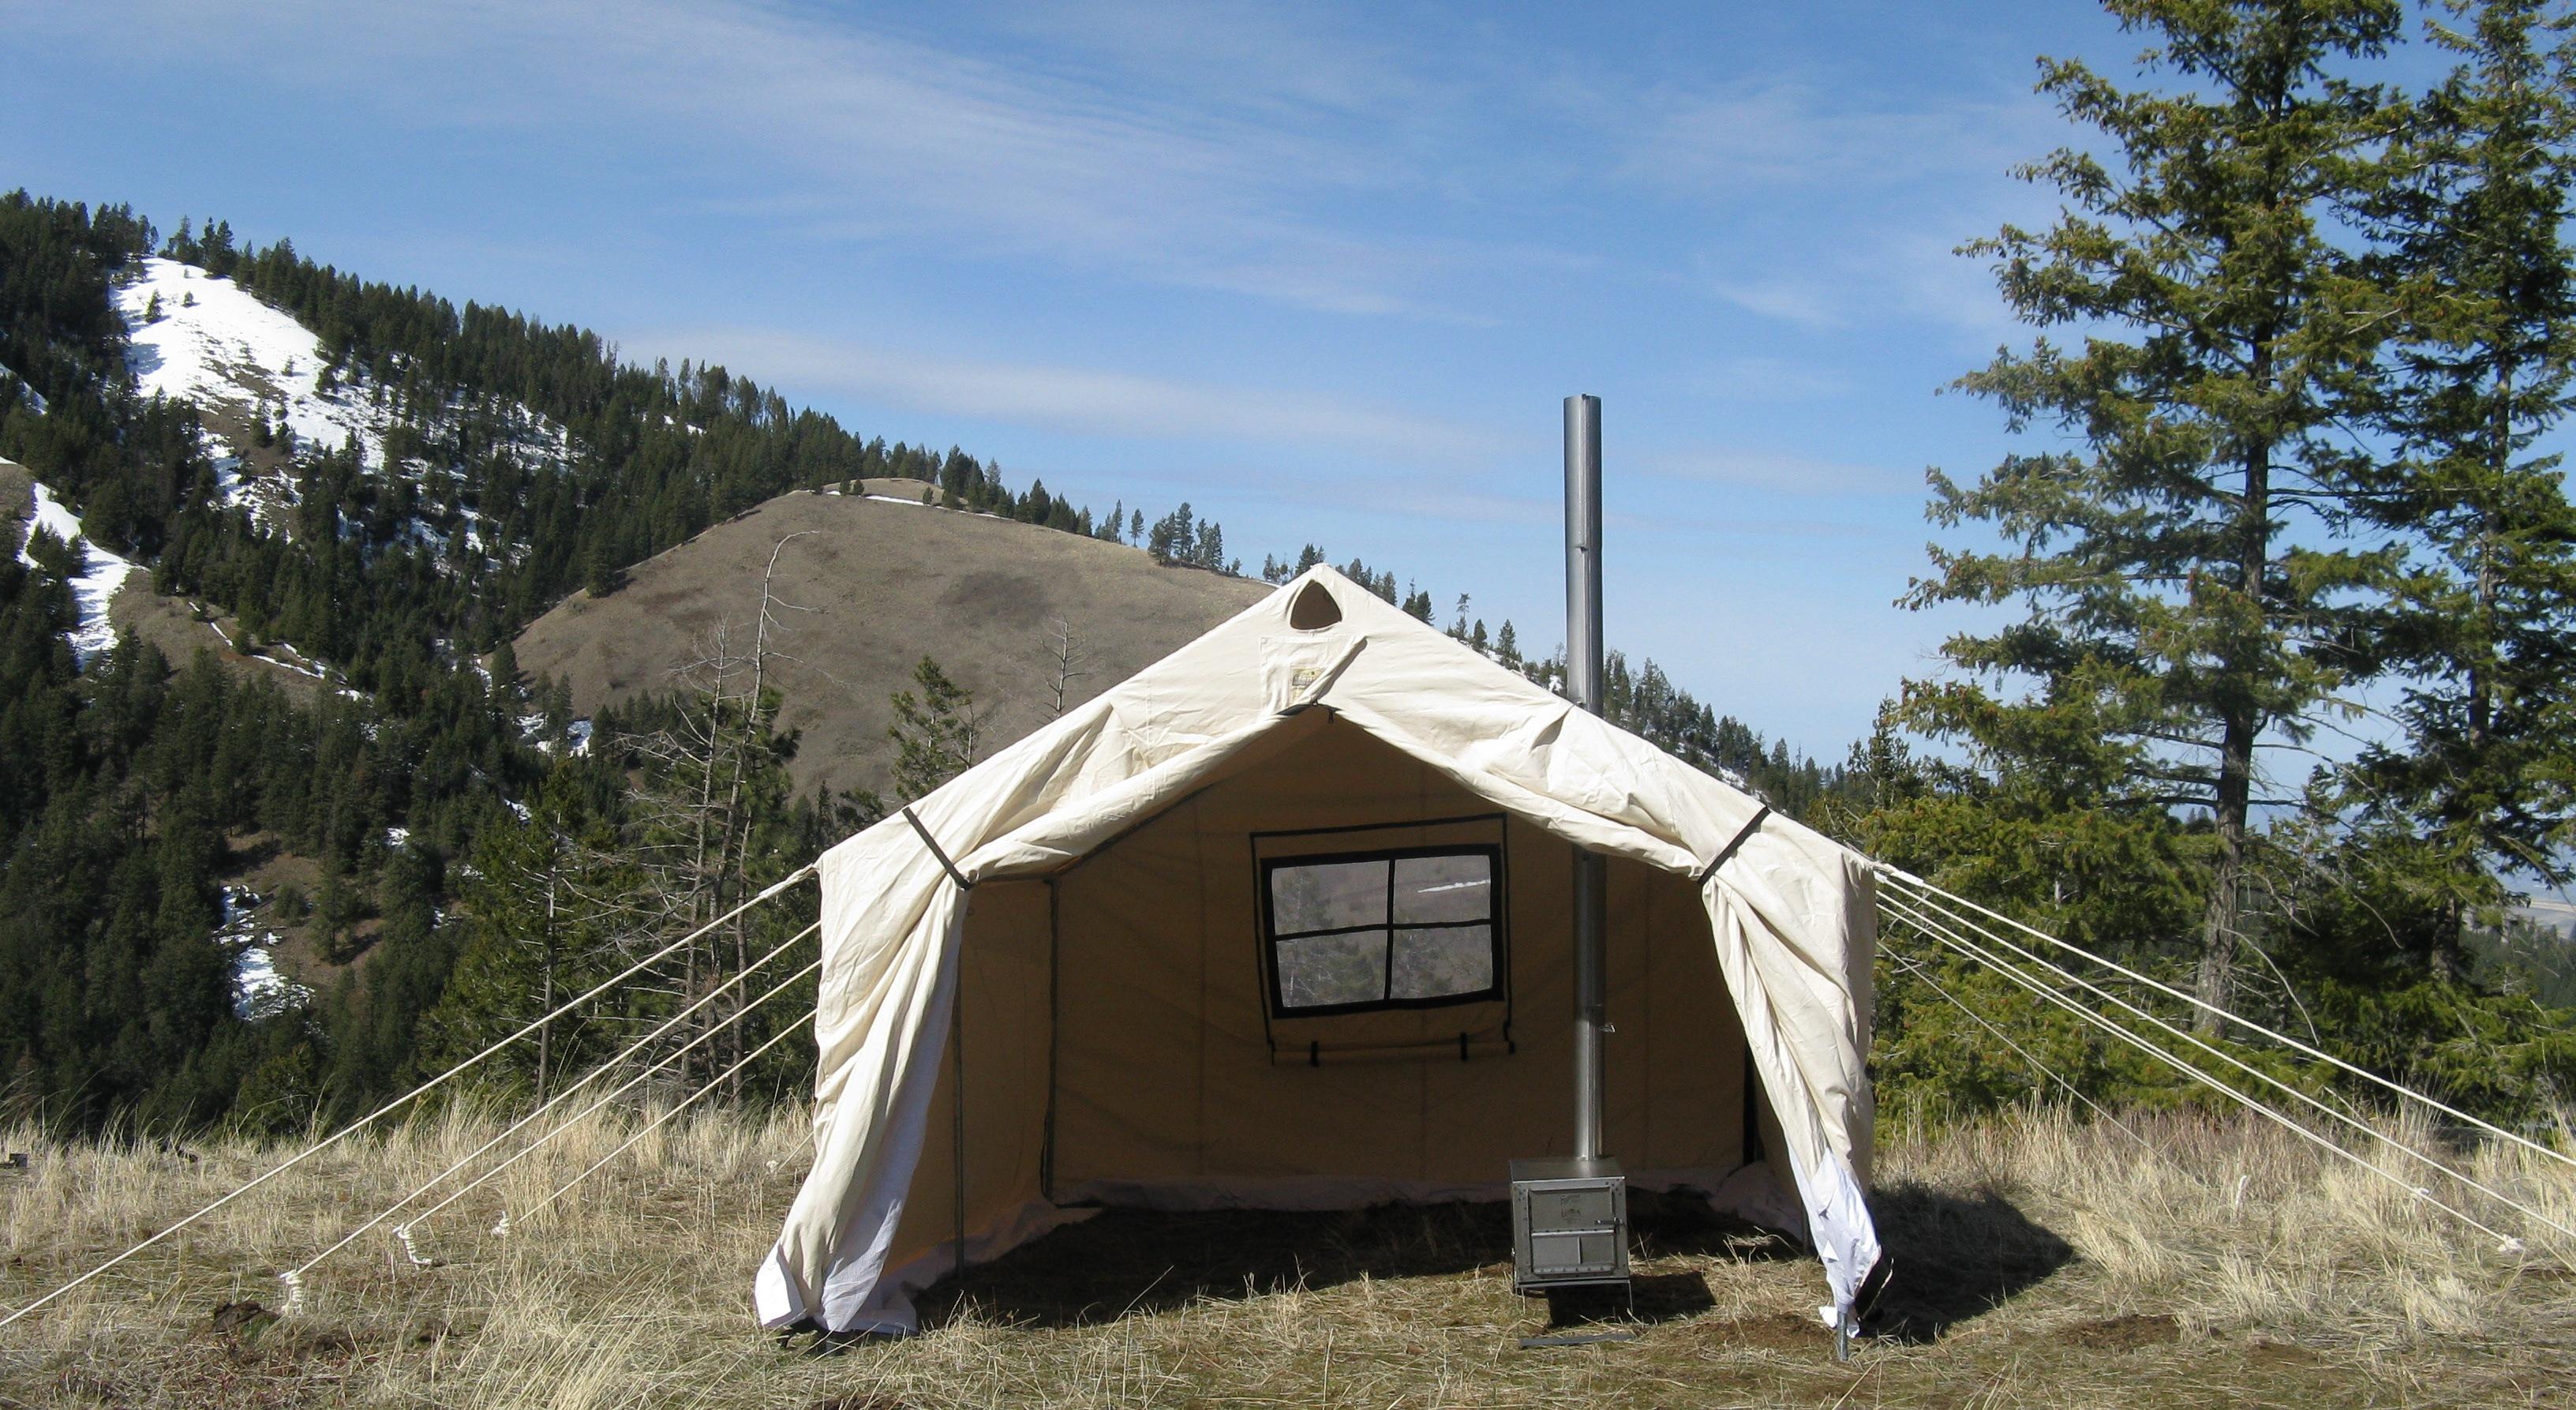 Fancy Wall Tent Frame Mold - Ideas de Marcos - lamegapromo.info